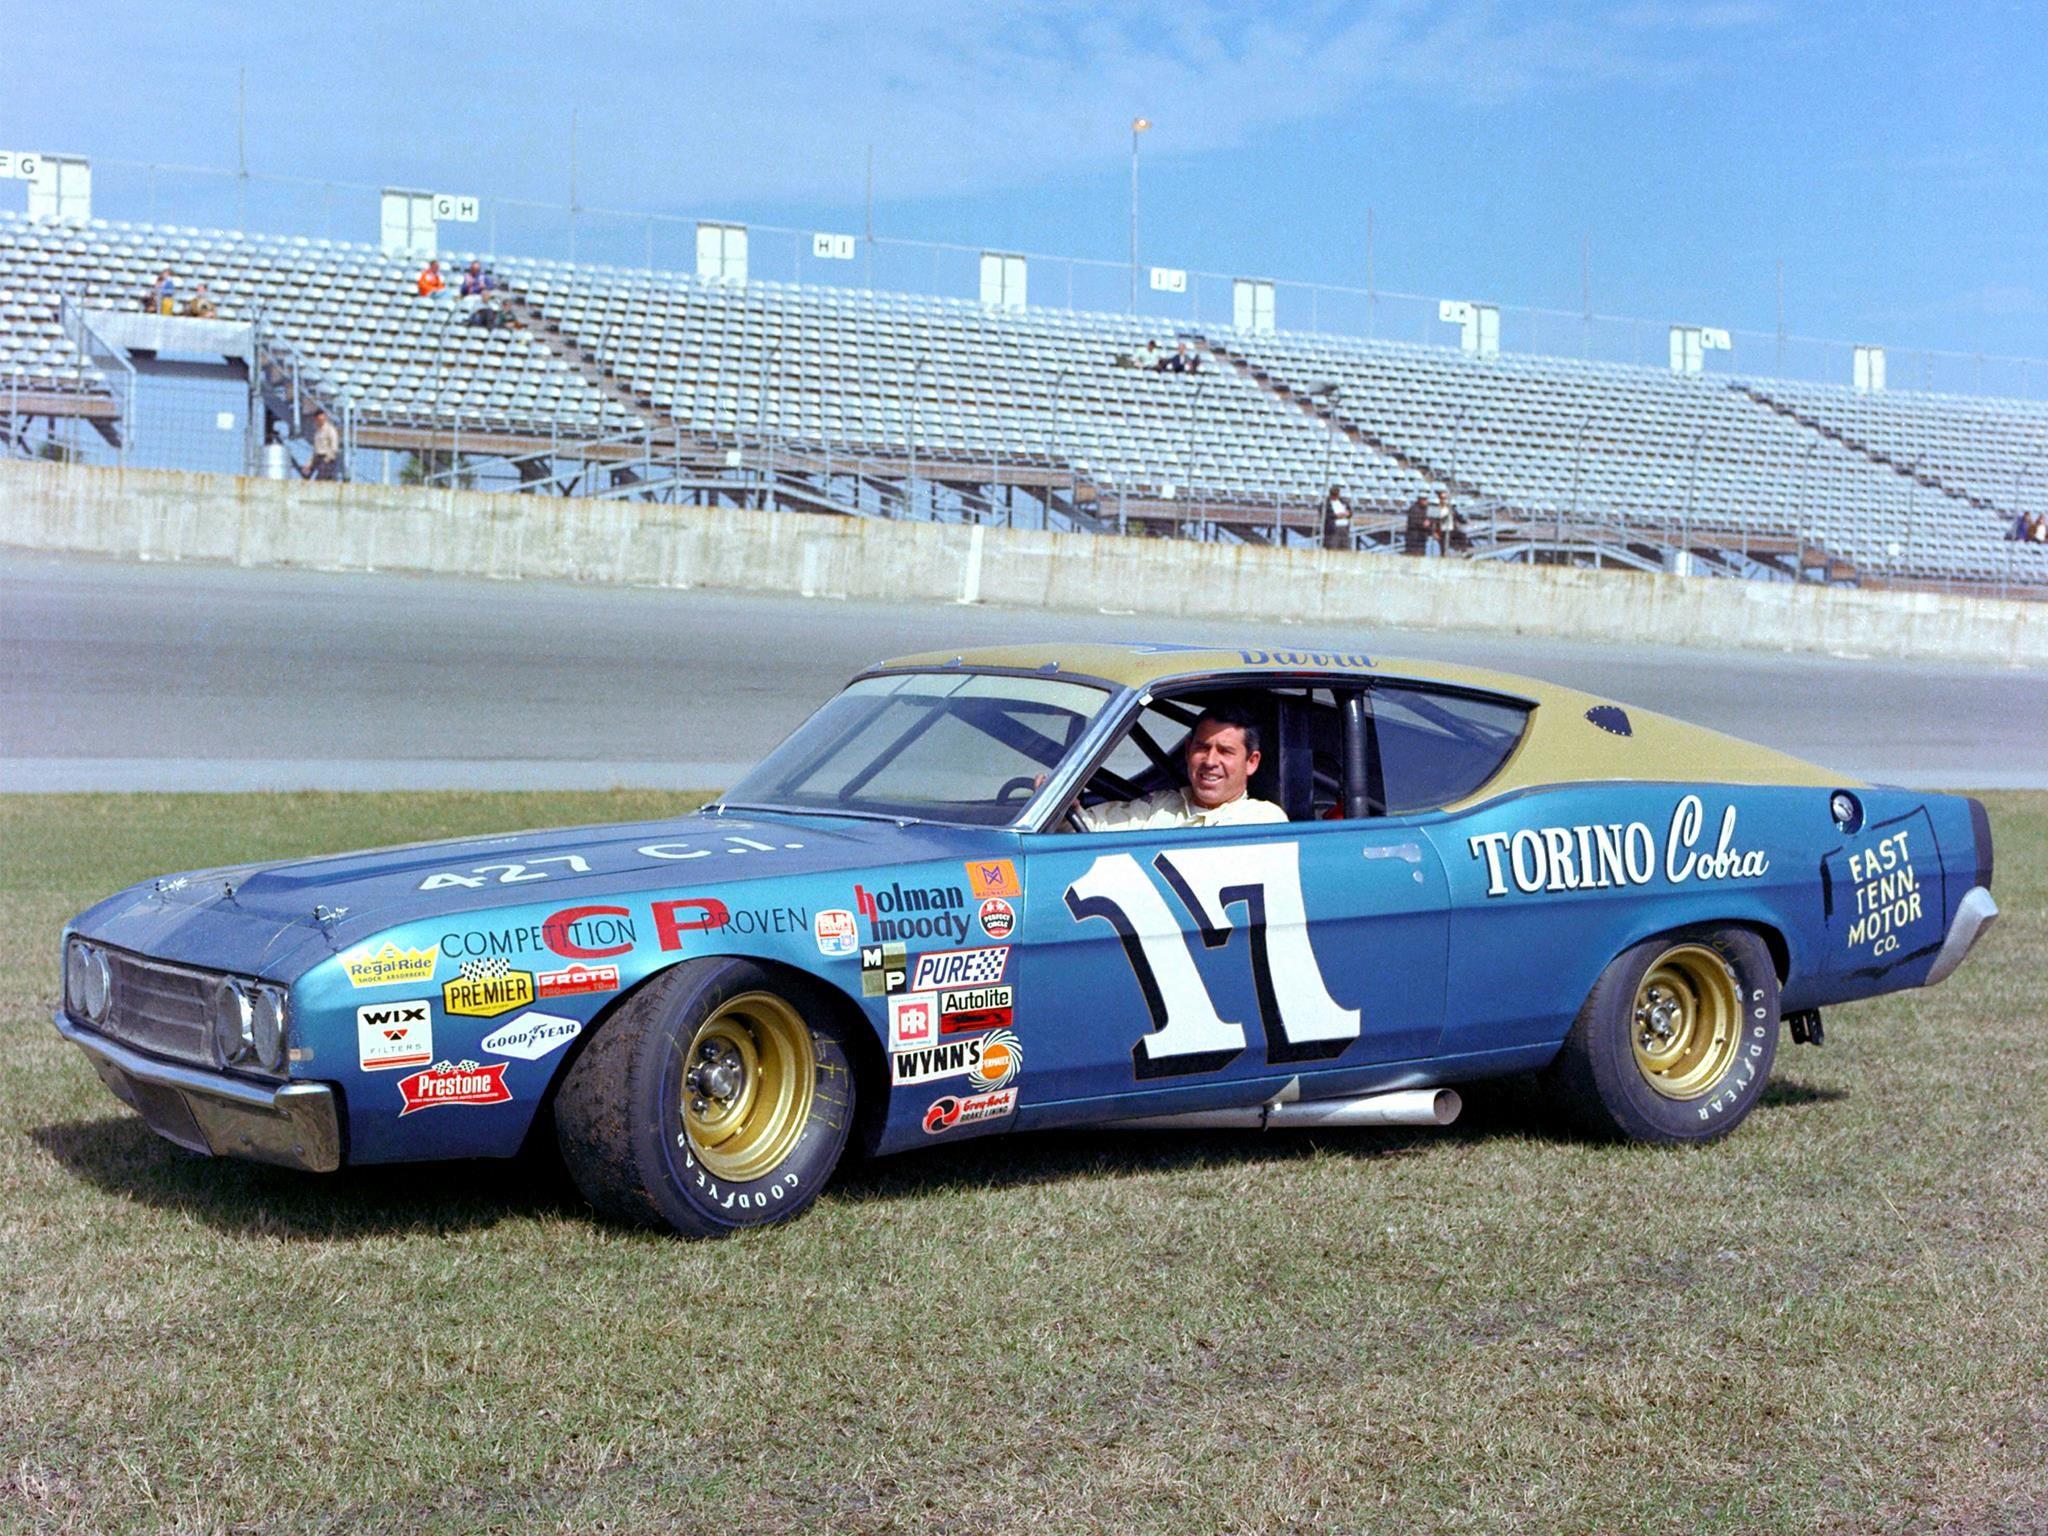 Sølvreven tok sitt tredje mesterskap i en Ford Torino i 1969.